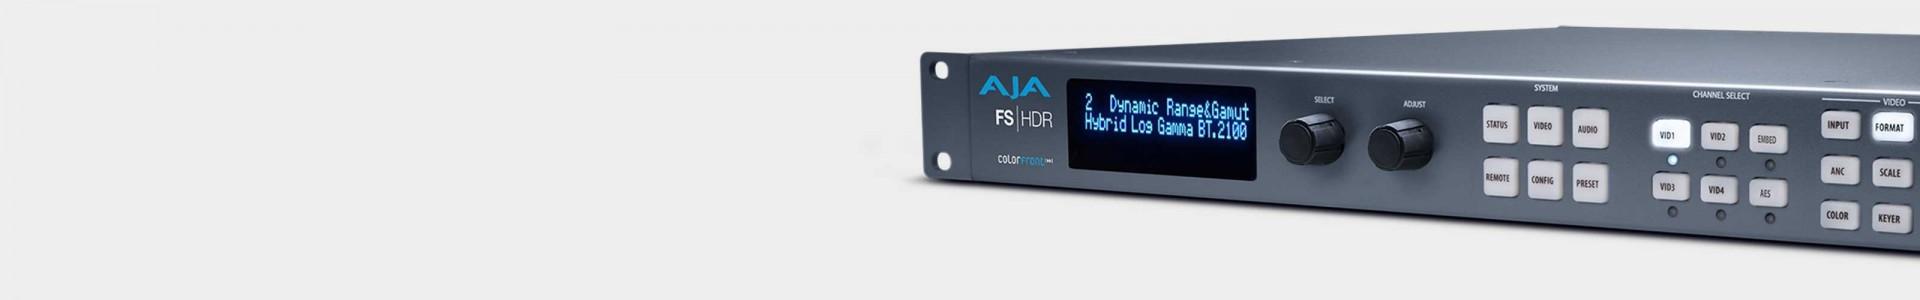 Sincronizzatori video AJA - Avacab rivenditore ufficiale AJA